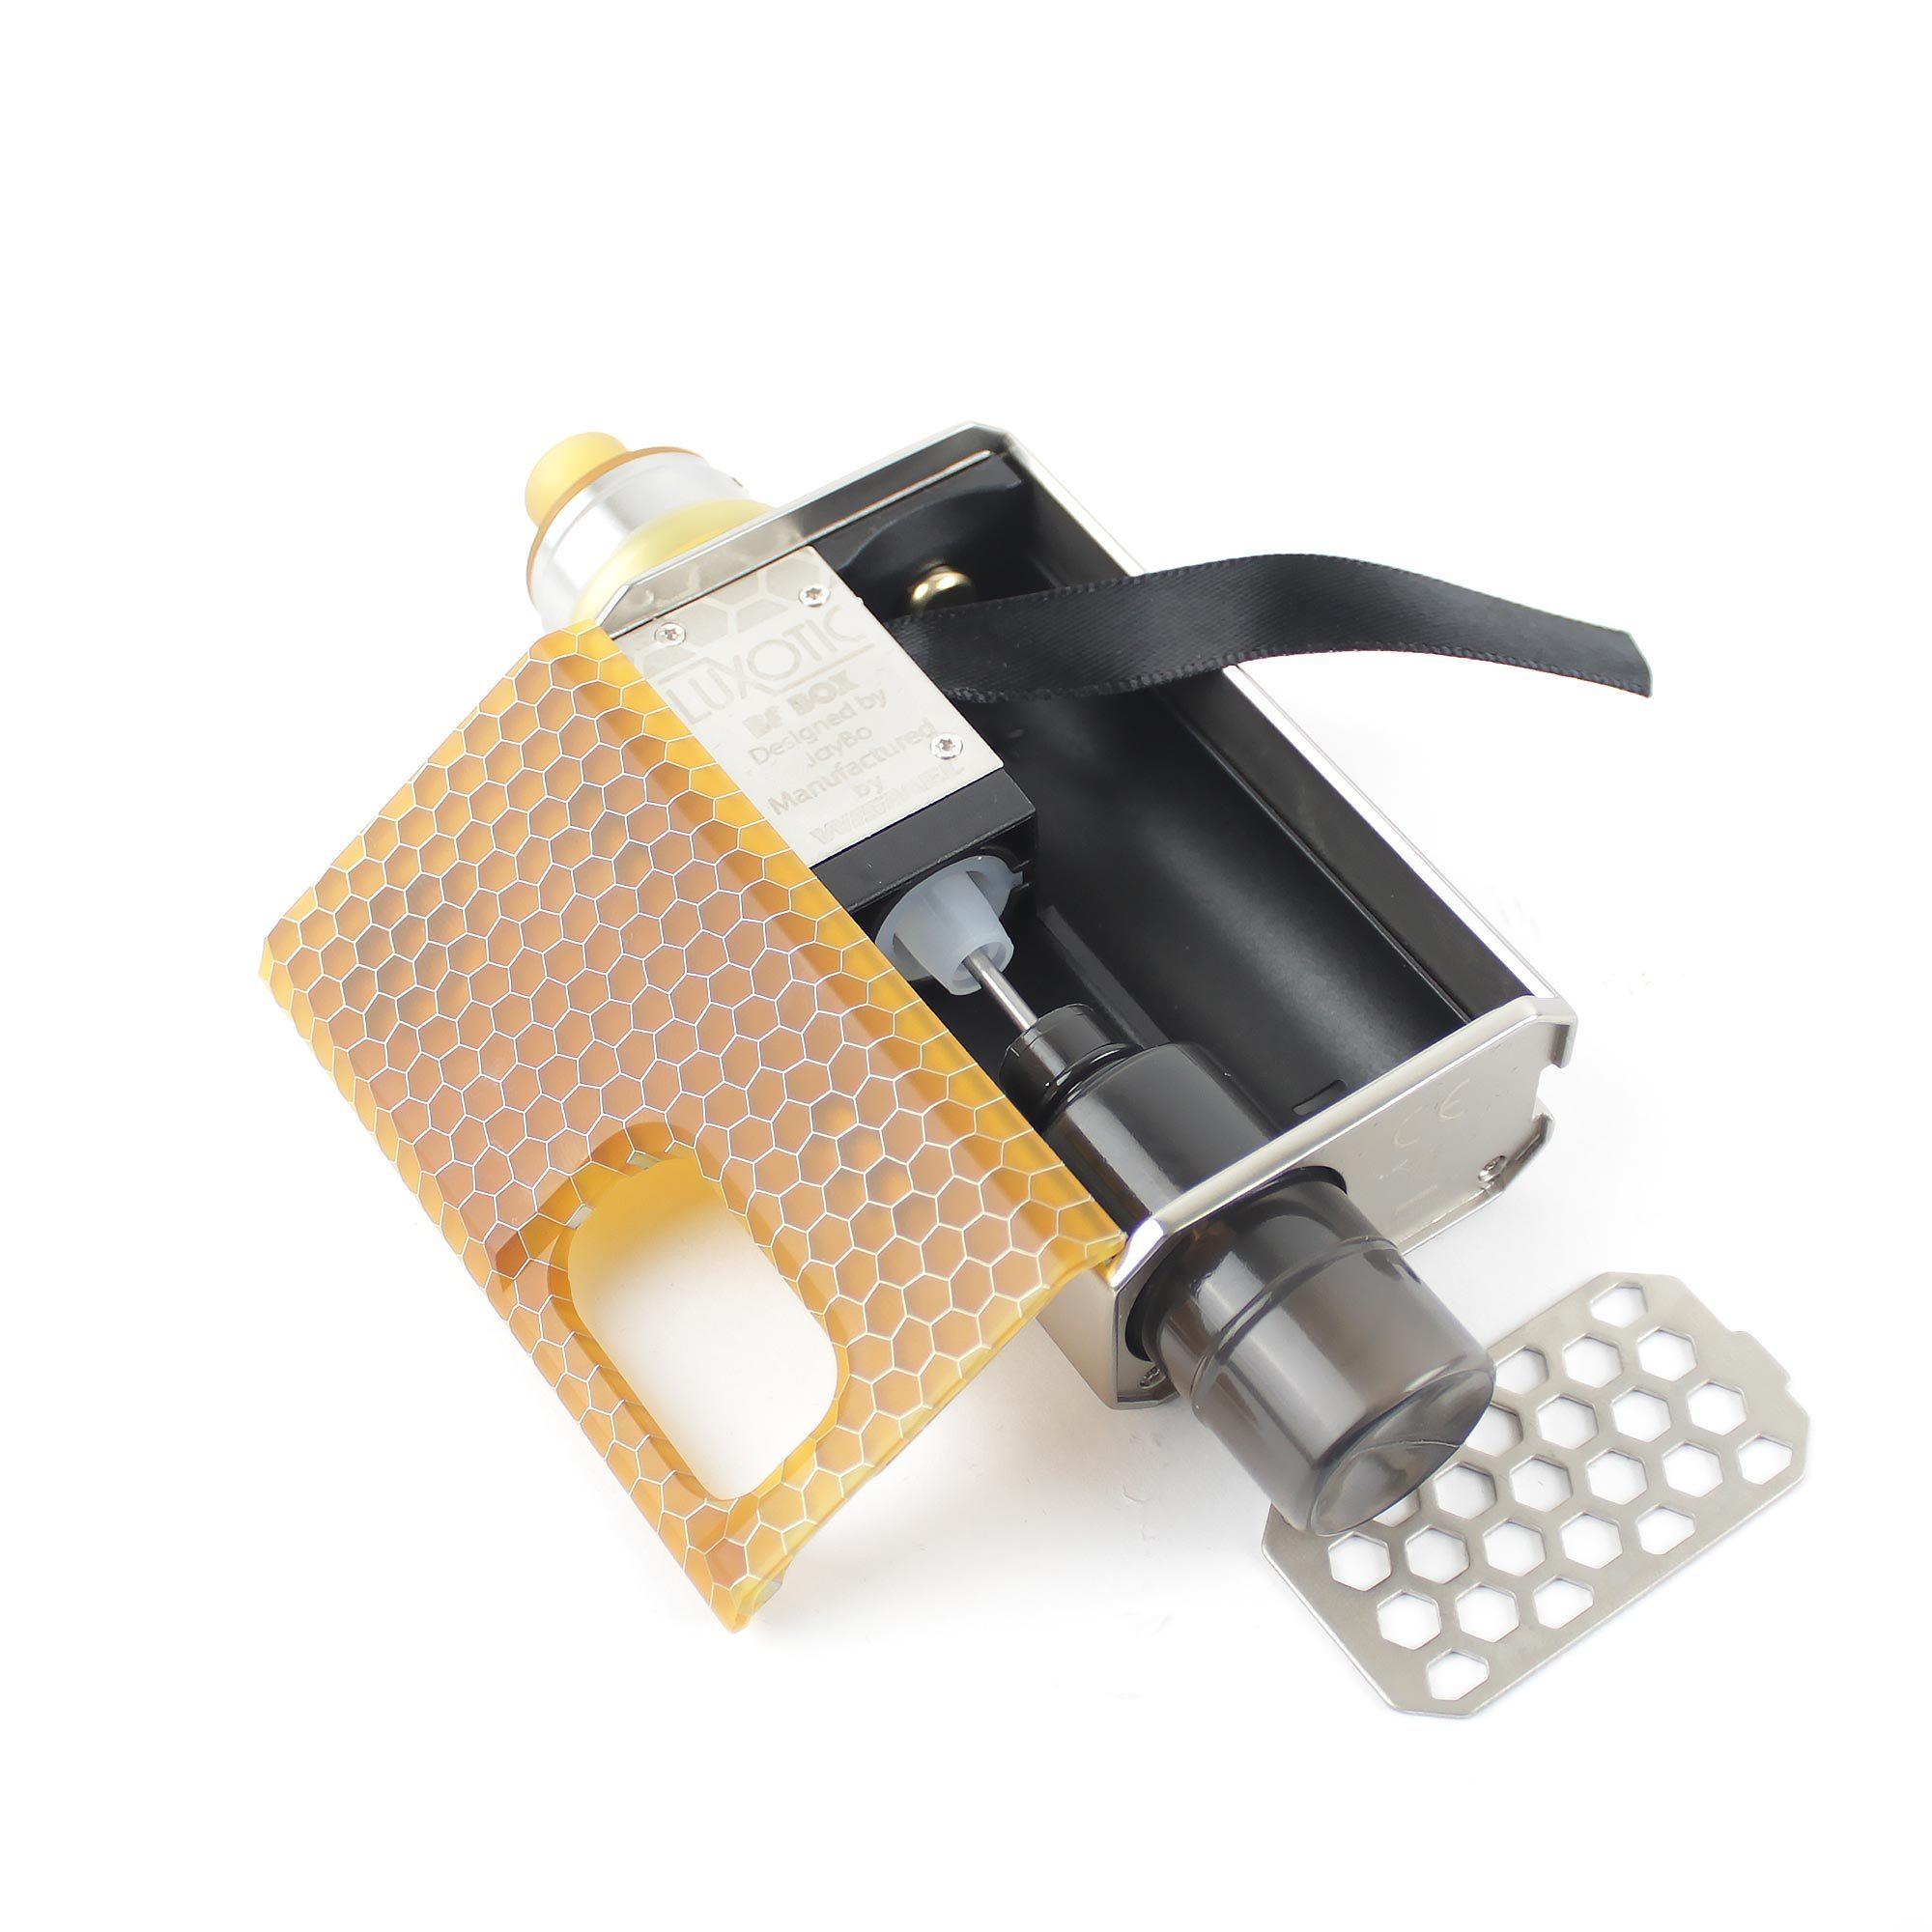 Сквонк Wismec Luxotic BF Box Kit (Фото 2)